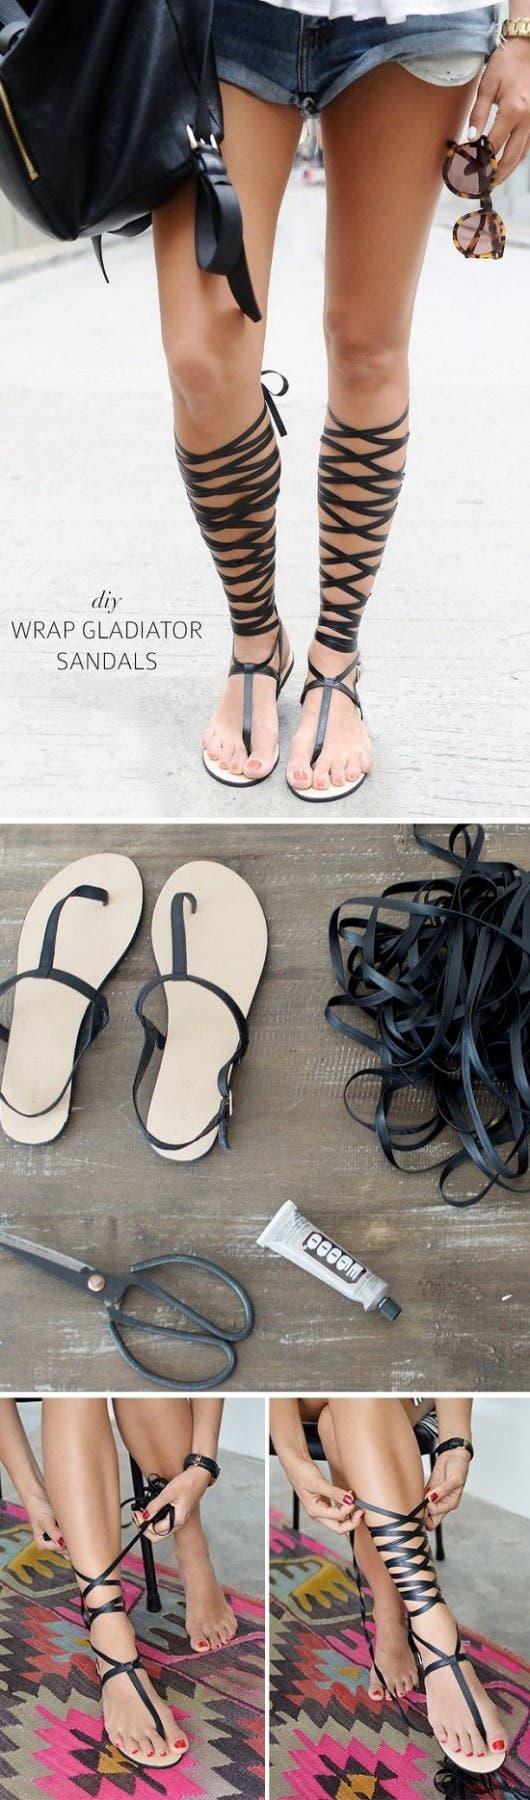 renovar sandalias 9